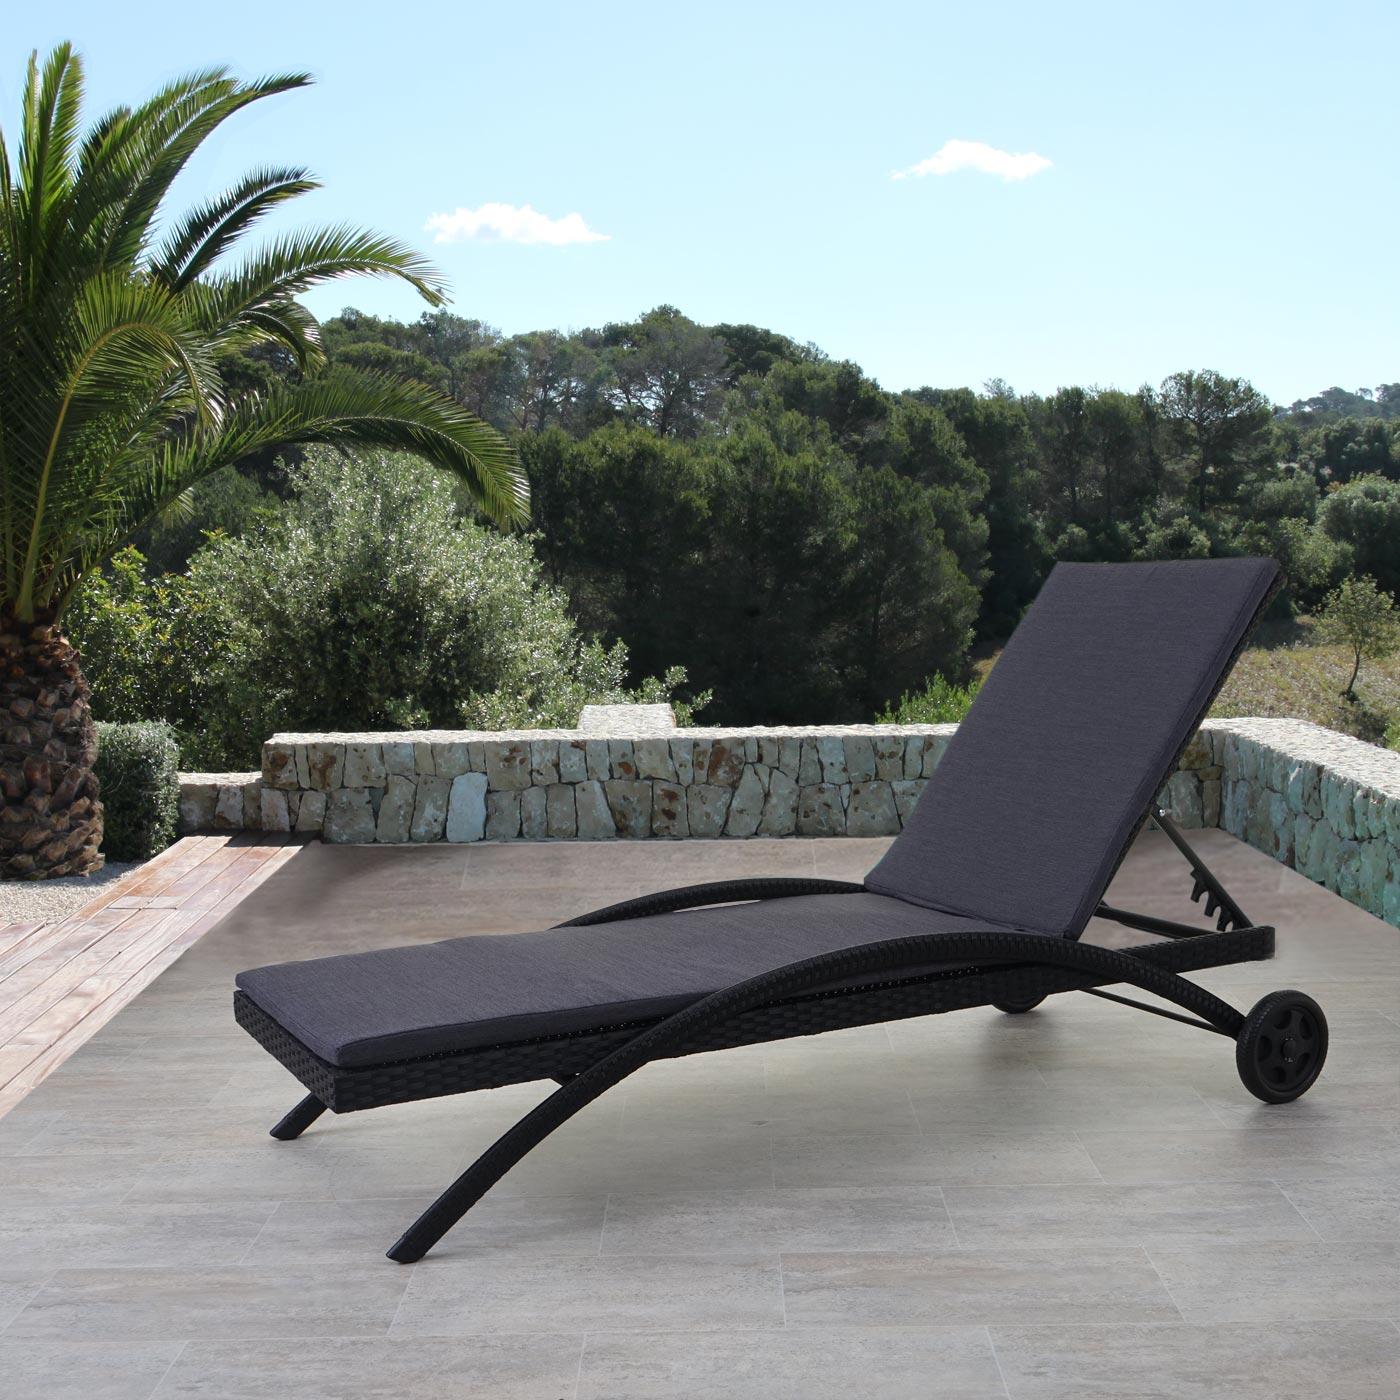 sonnenliege kastoria relaxliege gartenliege poly rattan rundes rattan ebay. Black Bedroom Furniture Sets. Home Design Ideas